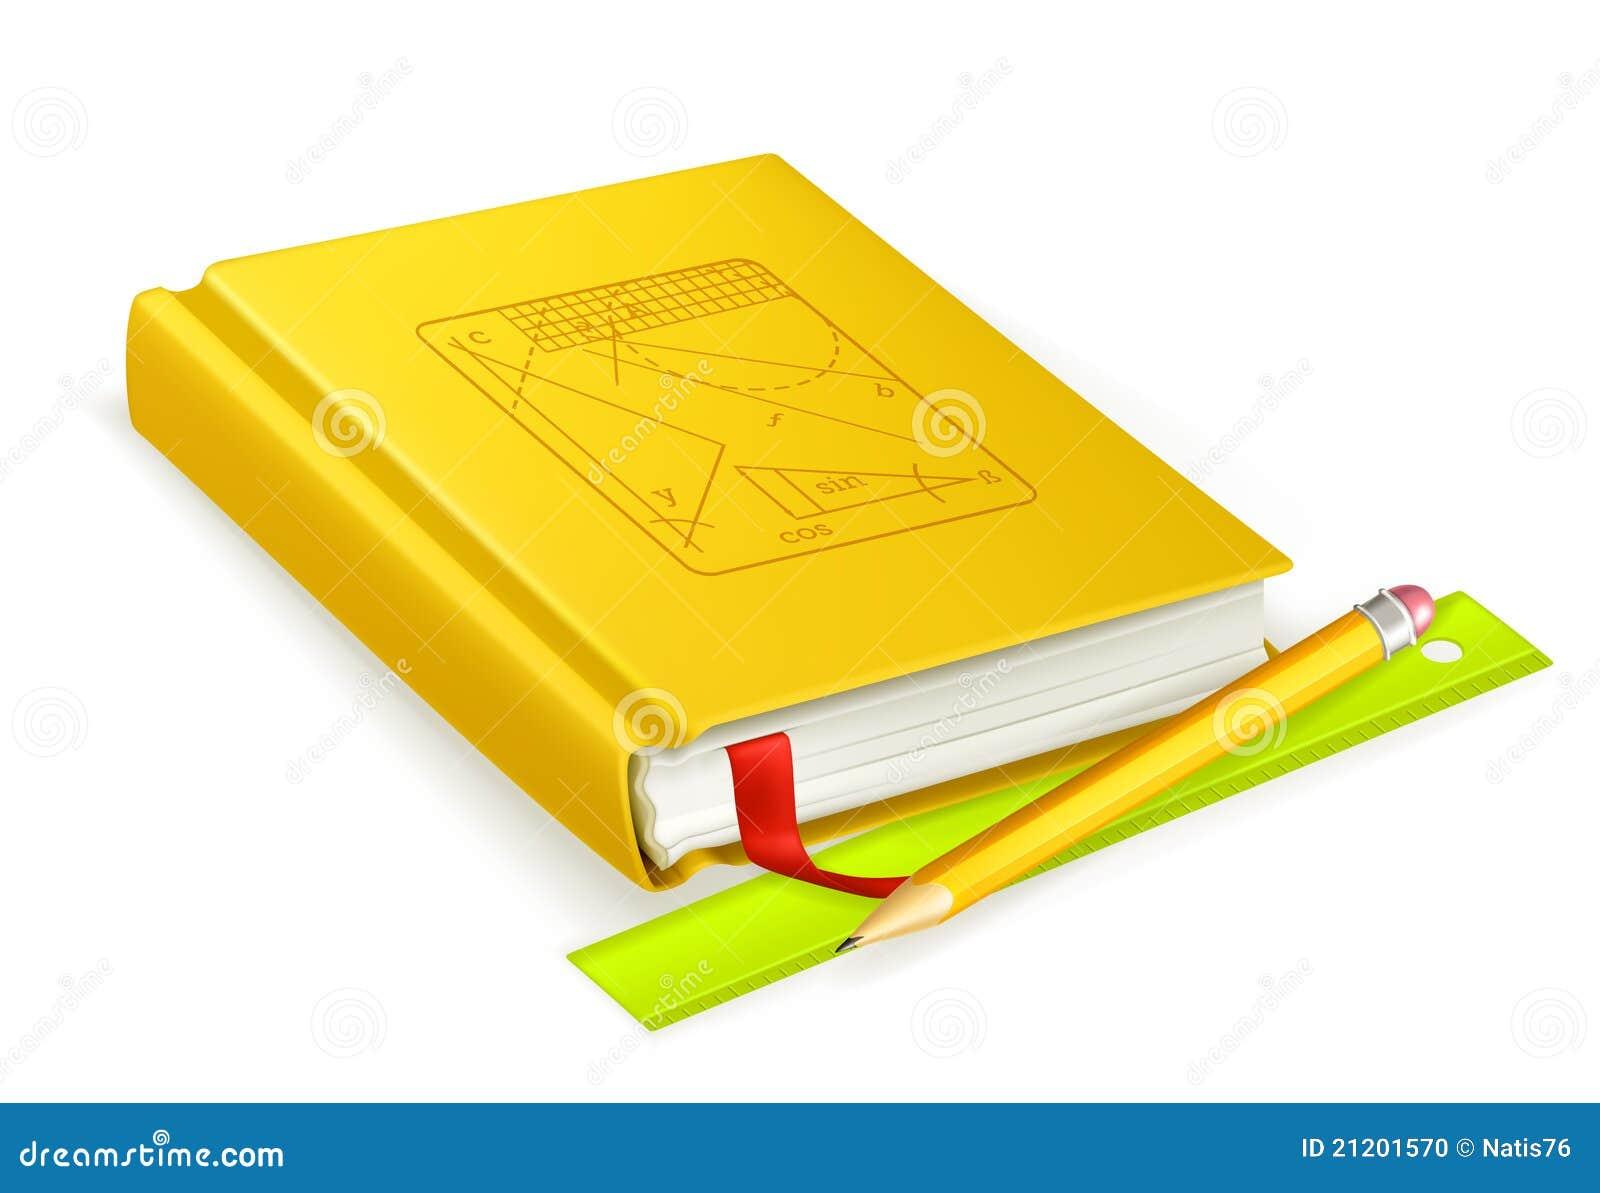 Graphisme De Livre Scolaire Illustration De Vecteur